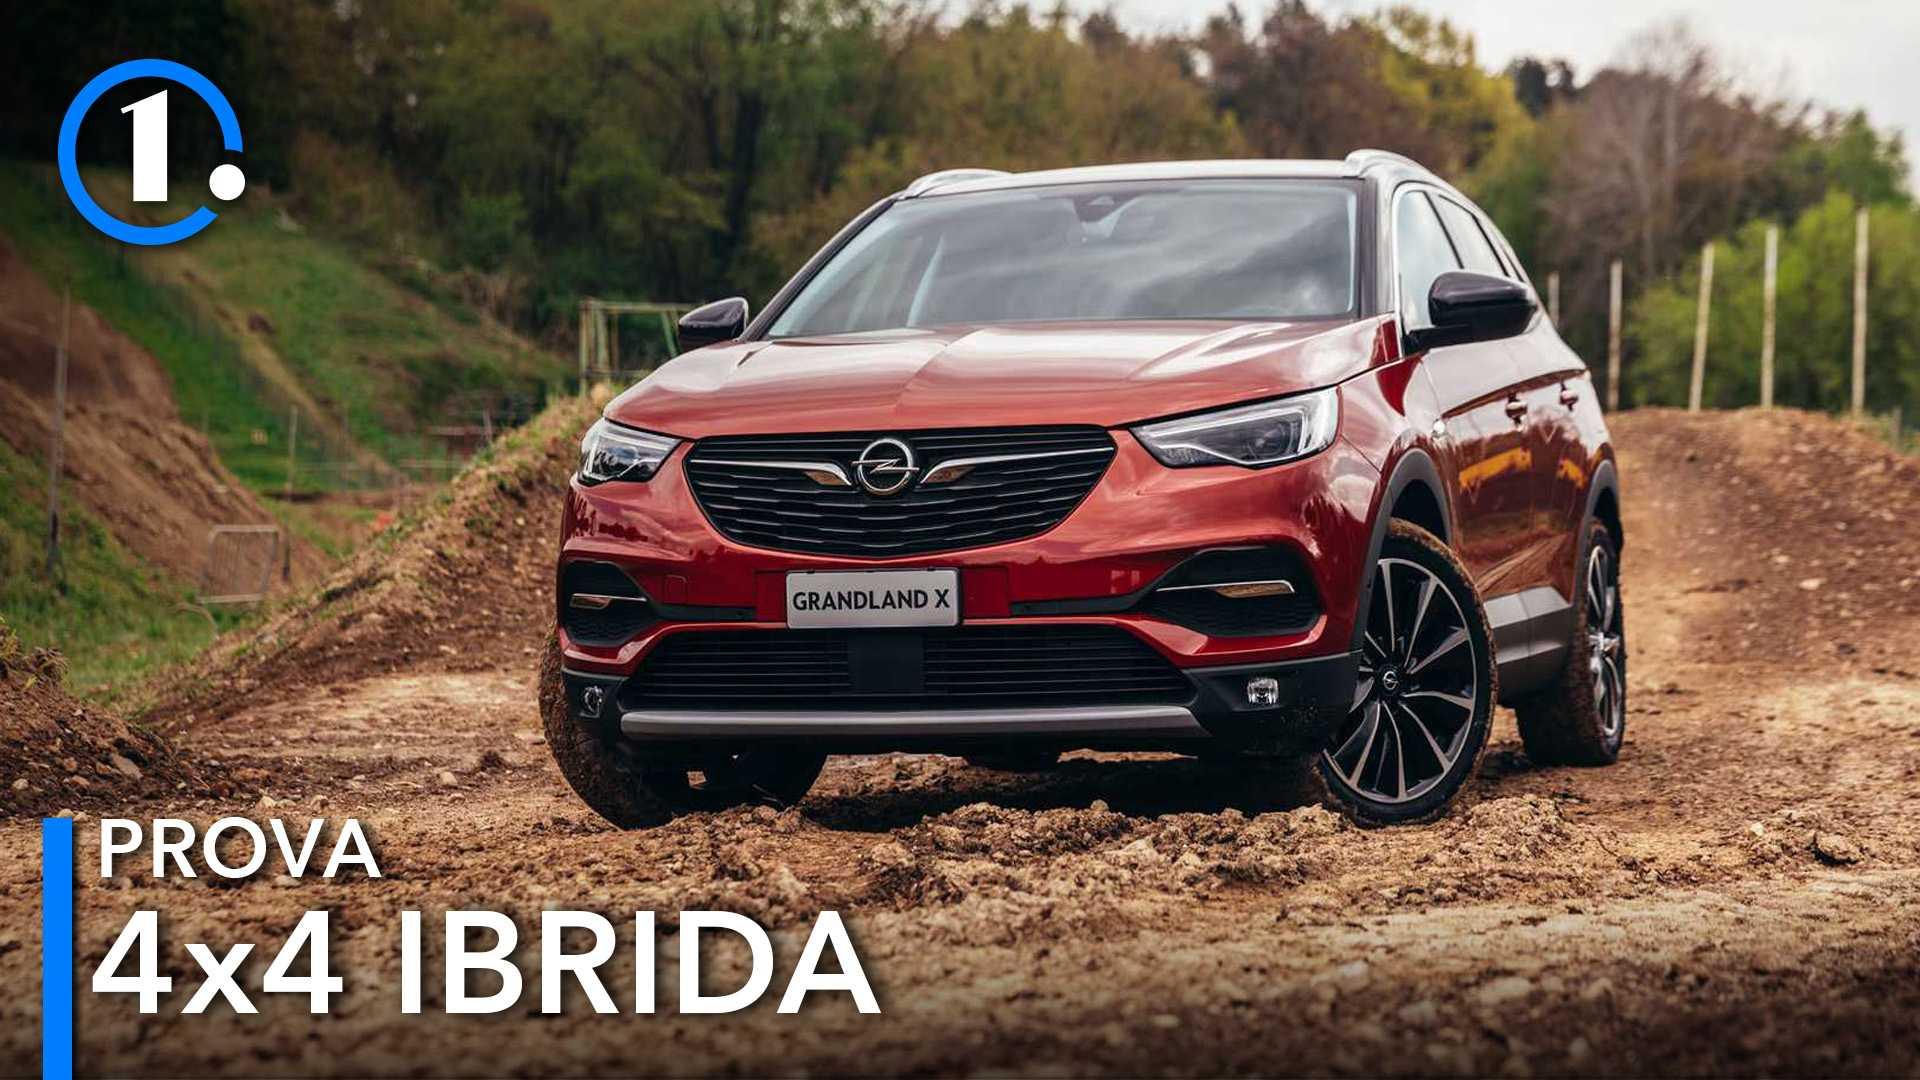 Opel Grandland X Hybrid4, prova in fuoristrada con la plug-in